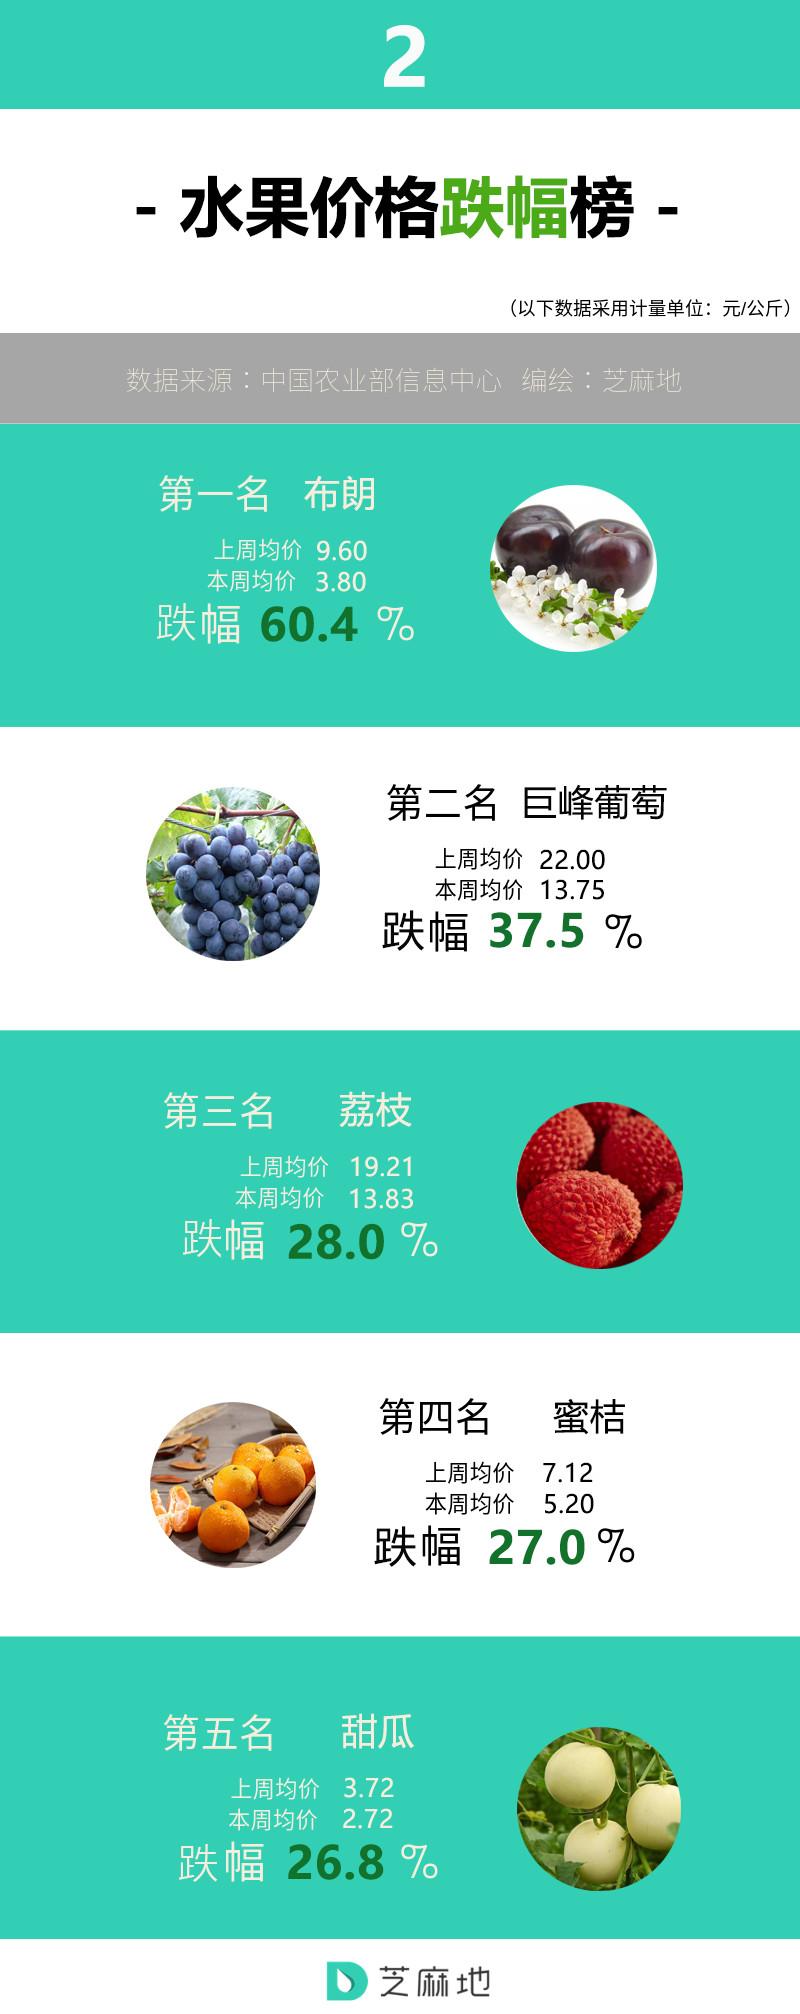 水果价格跌幅榜.jpg